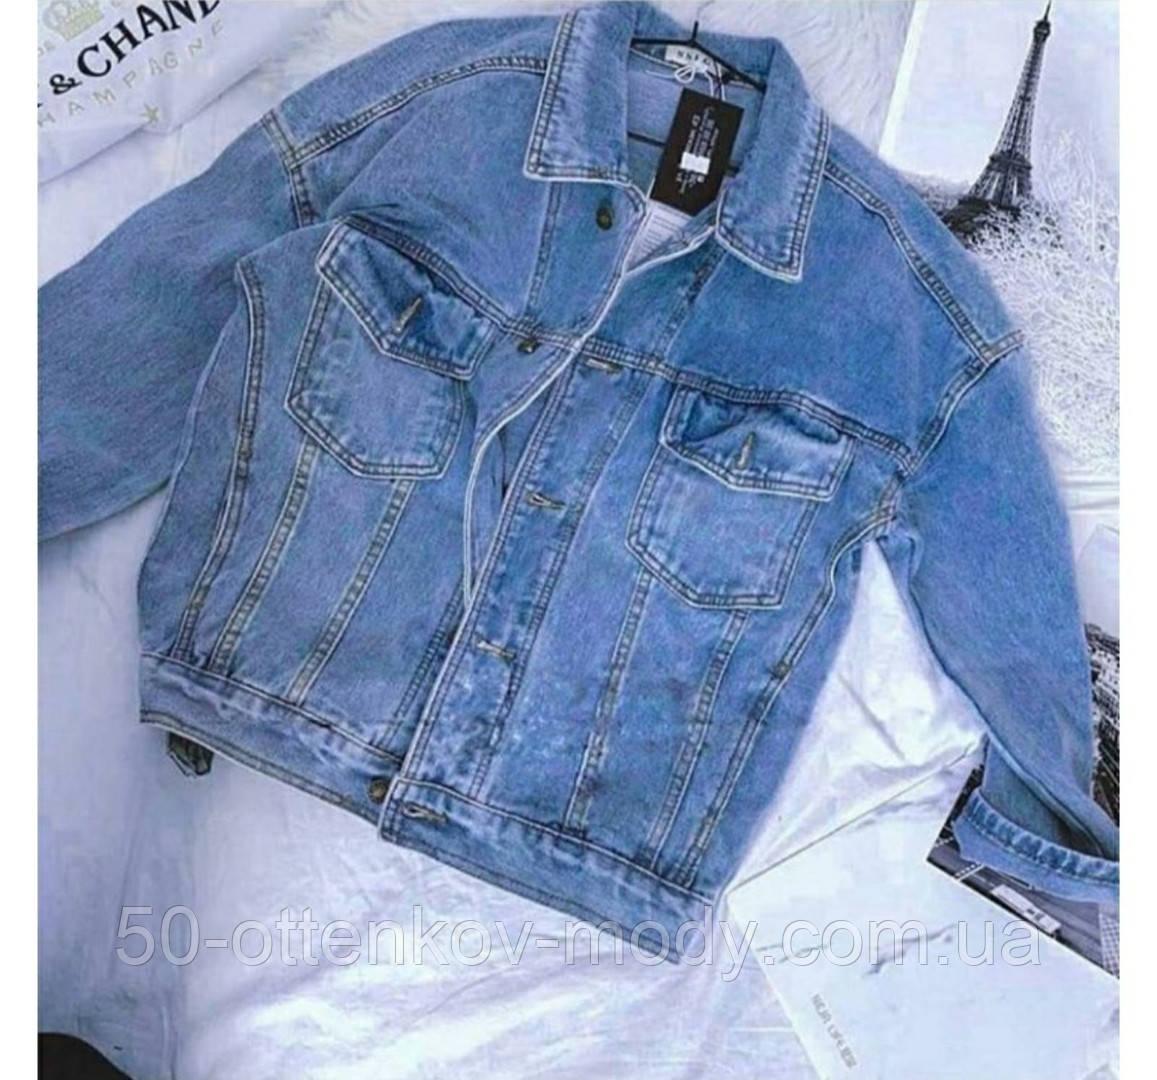 Джинсовая куртка, размер универсал